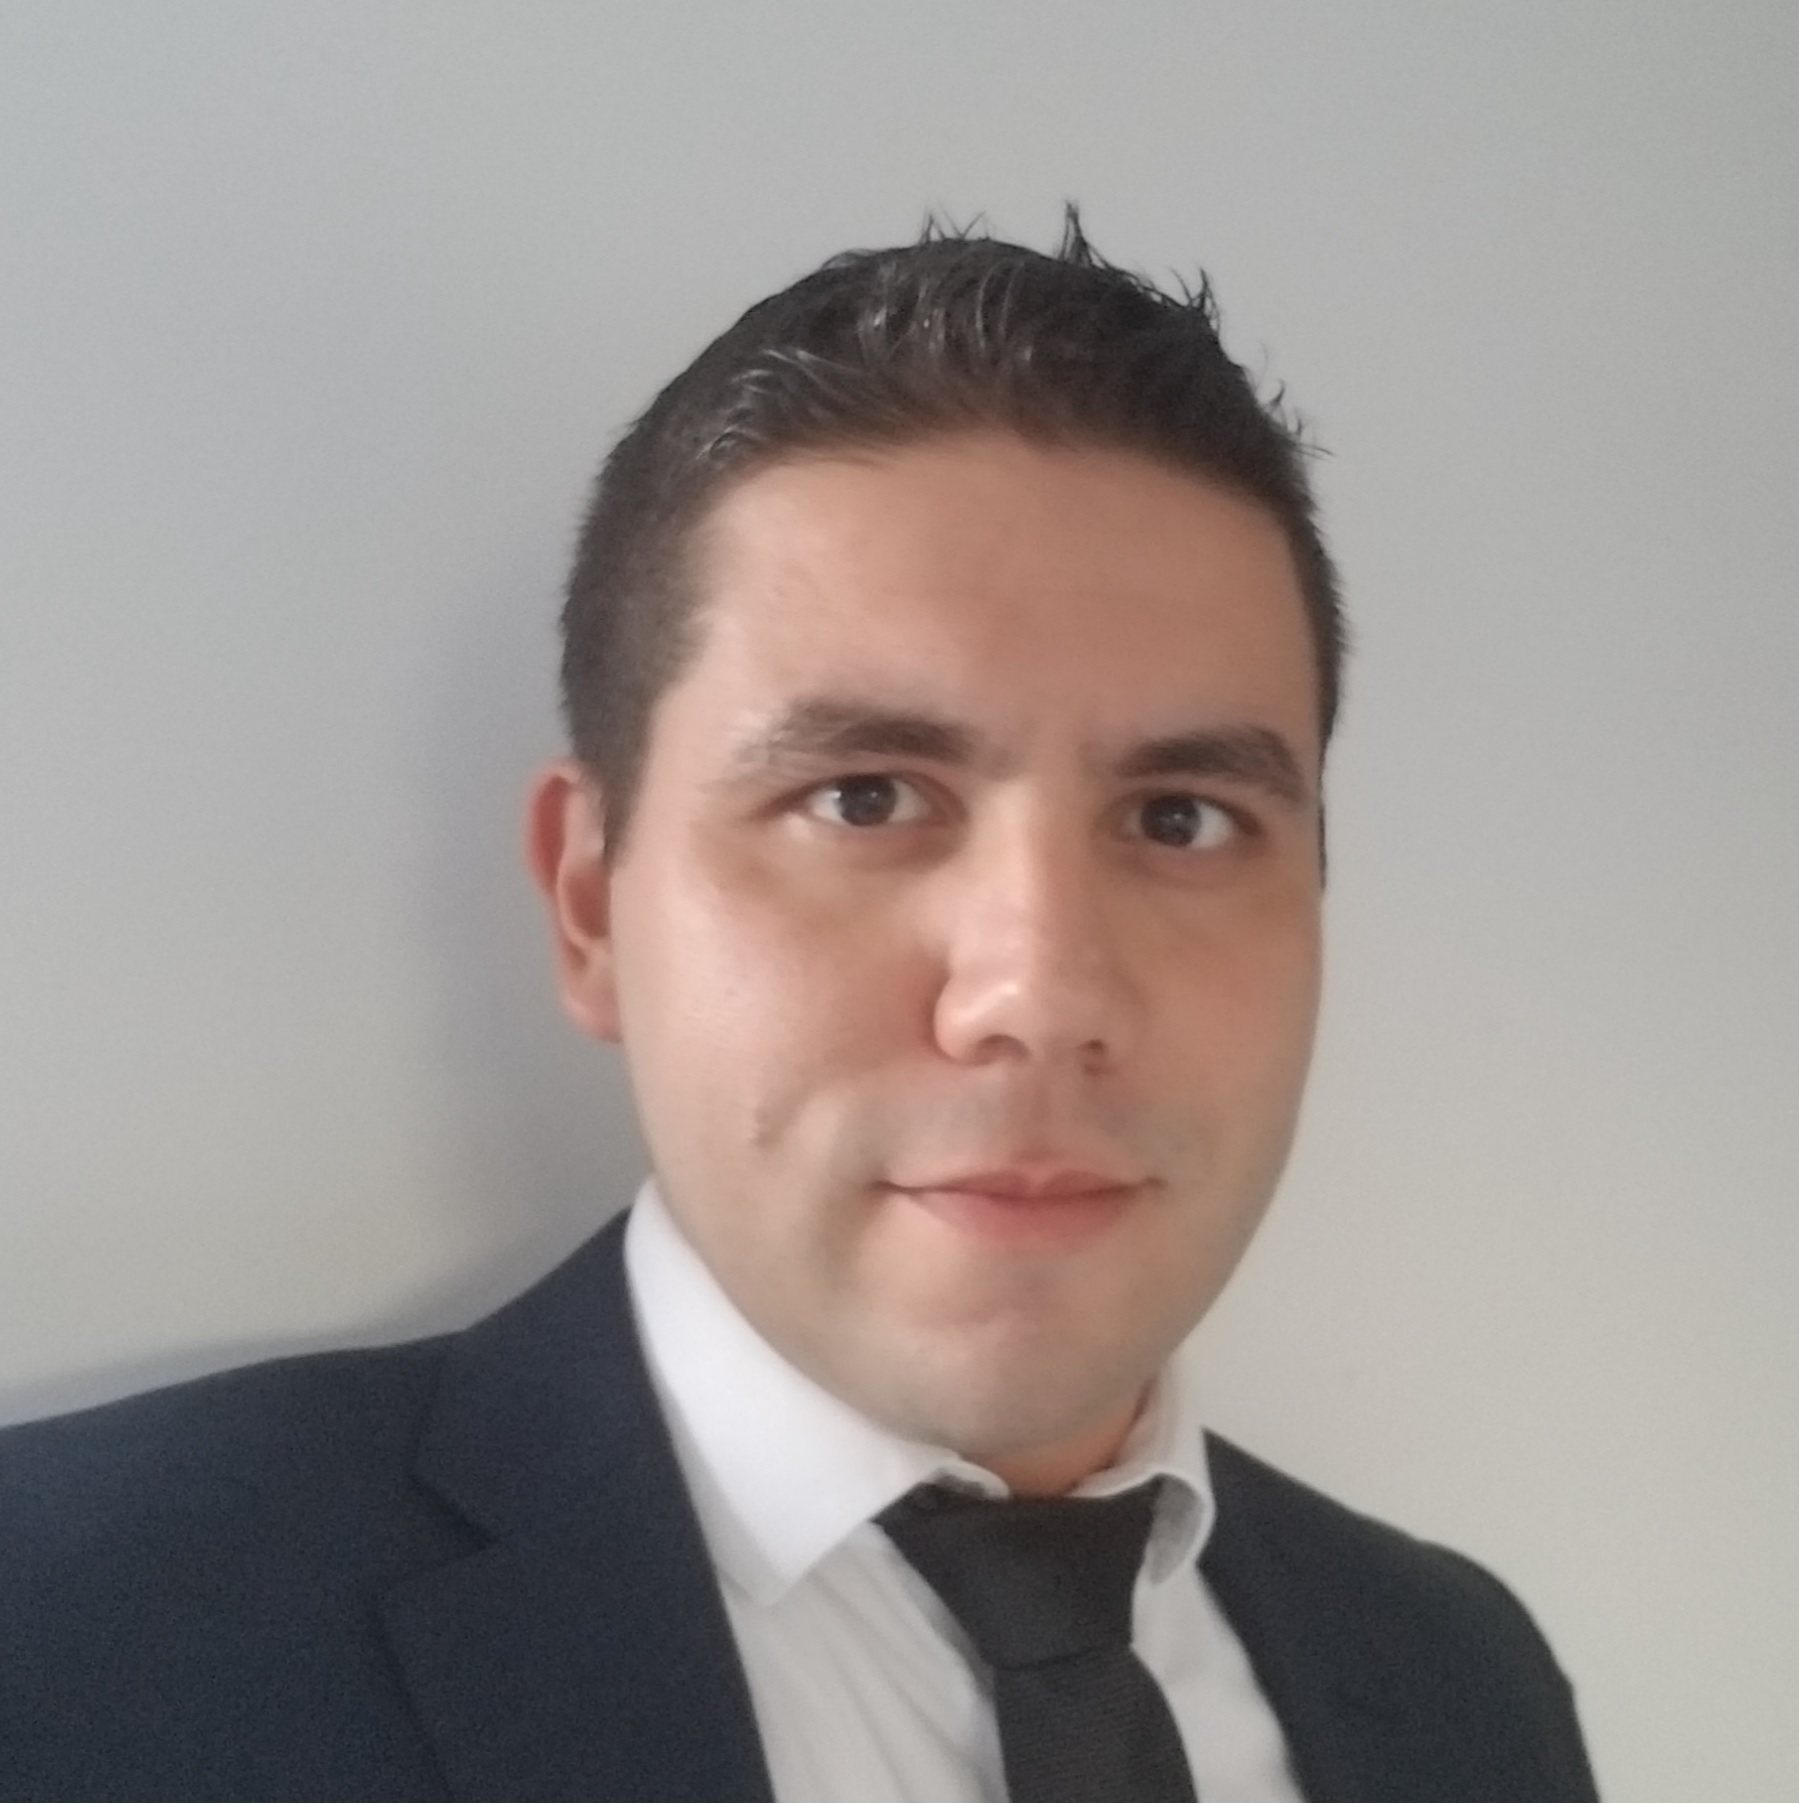 Felipe Bastian Paim